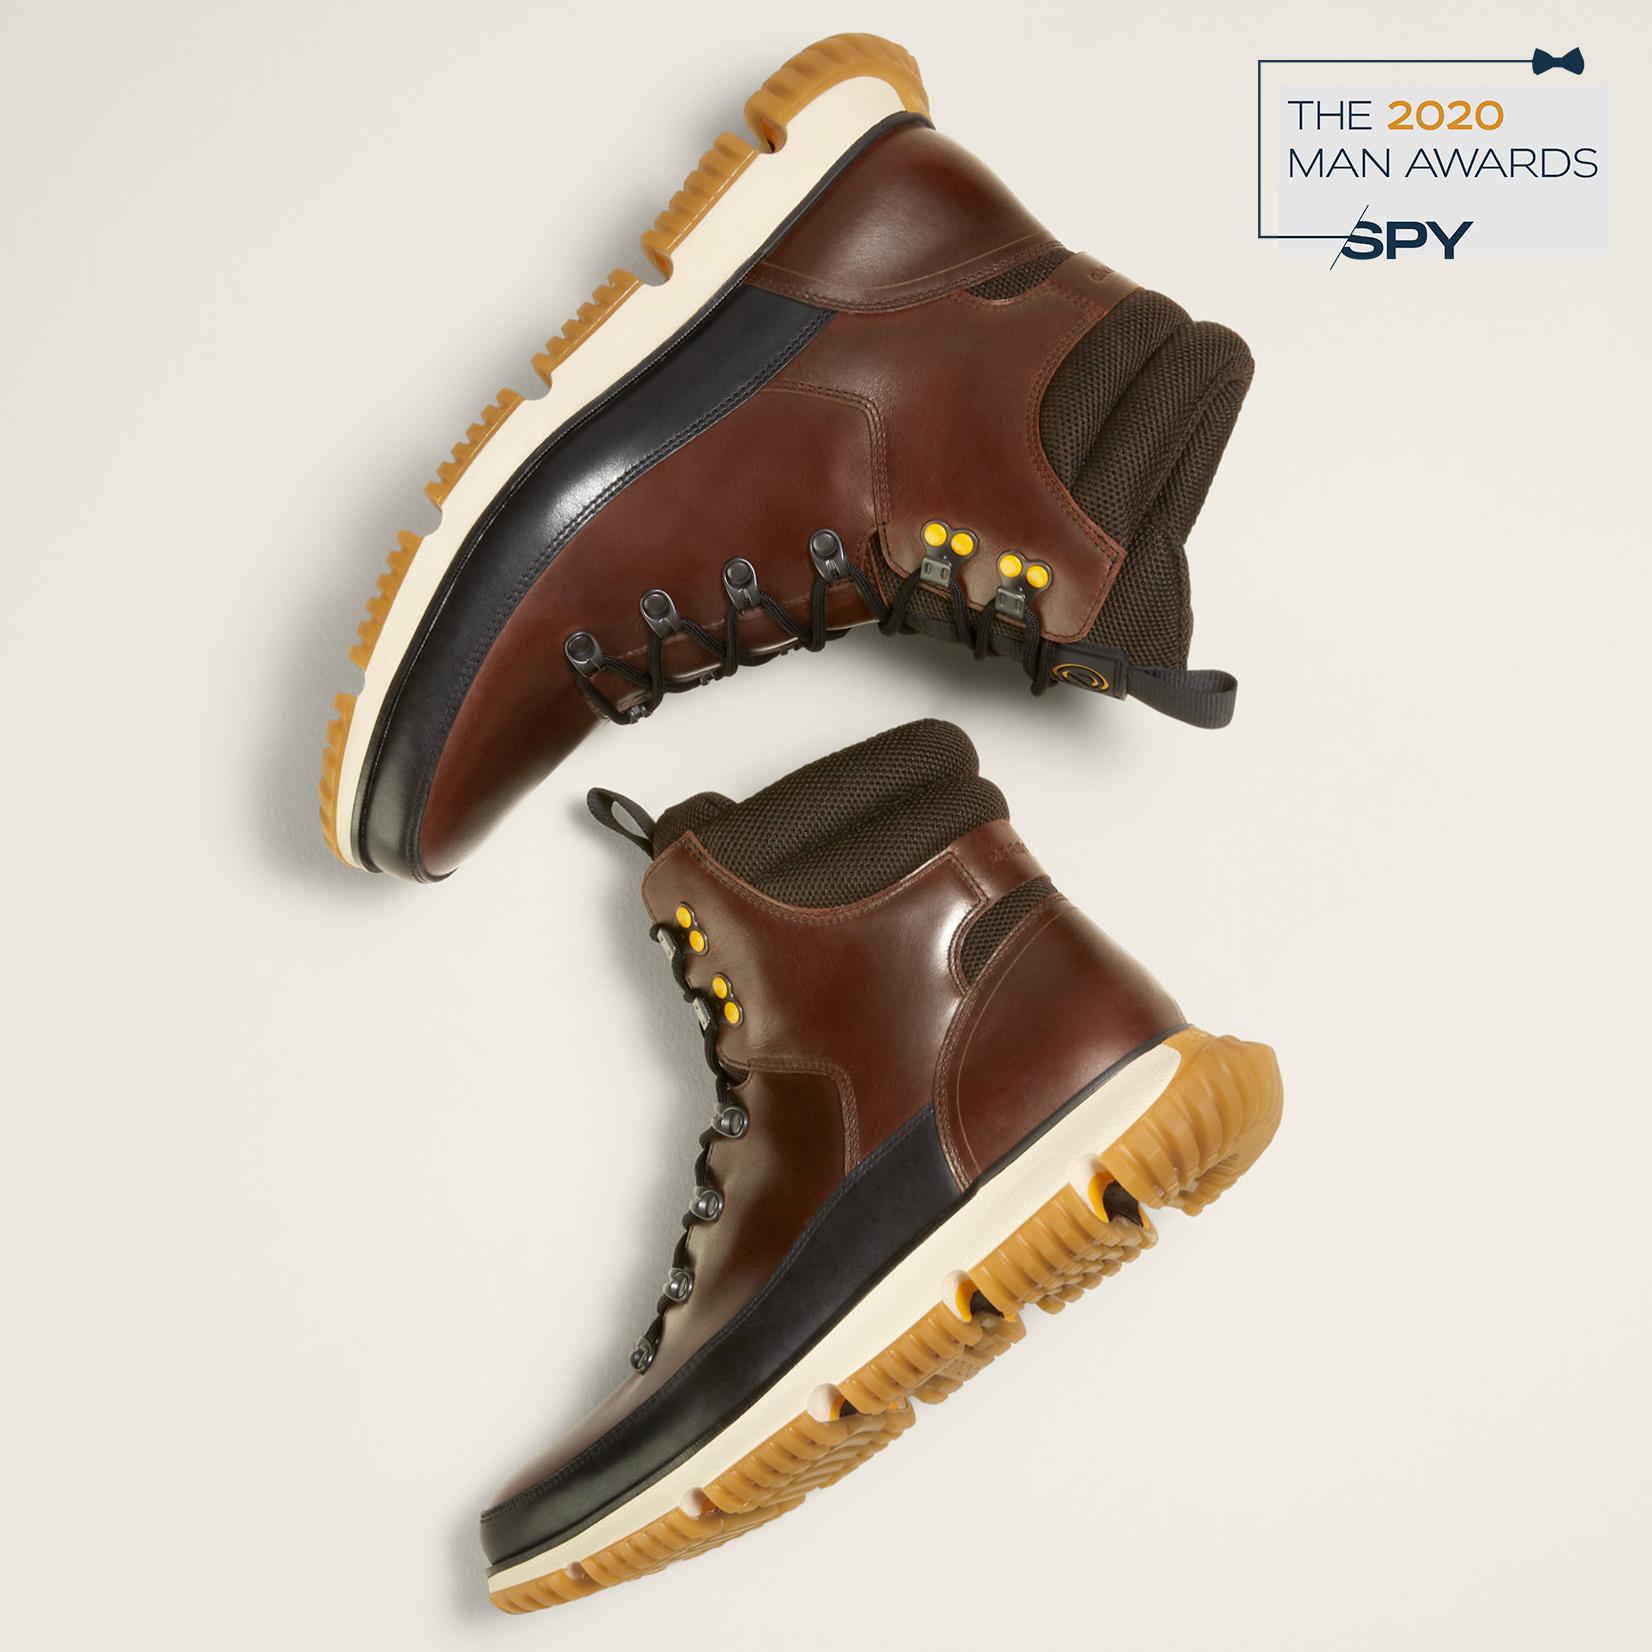 4.ZERØGRAND Hiker Boot, best men's products of 2020